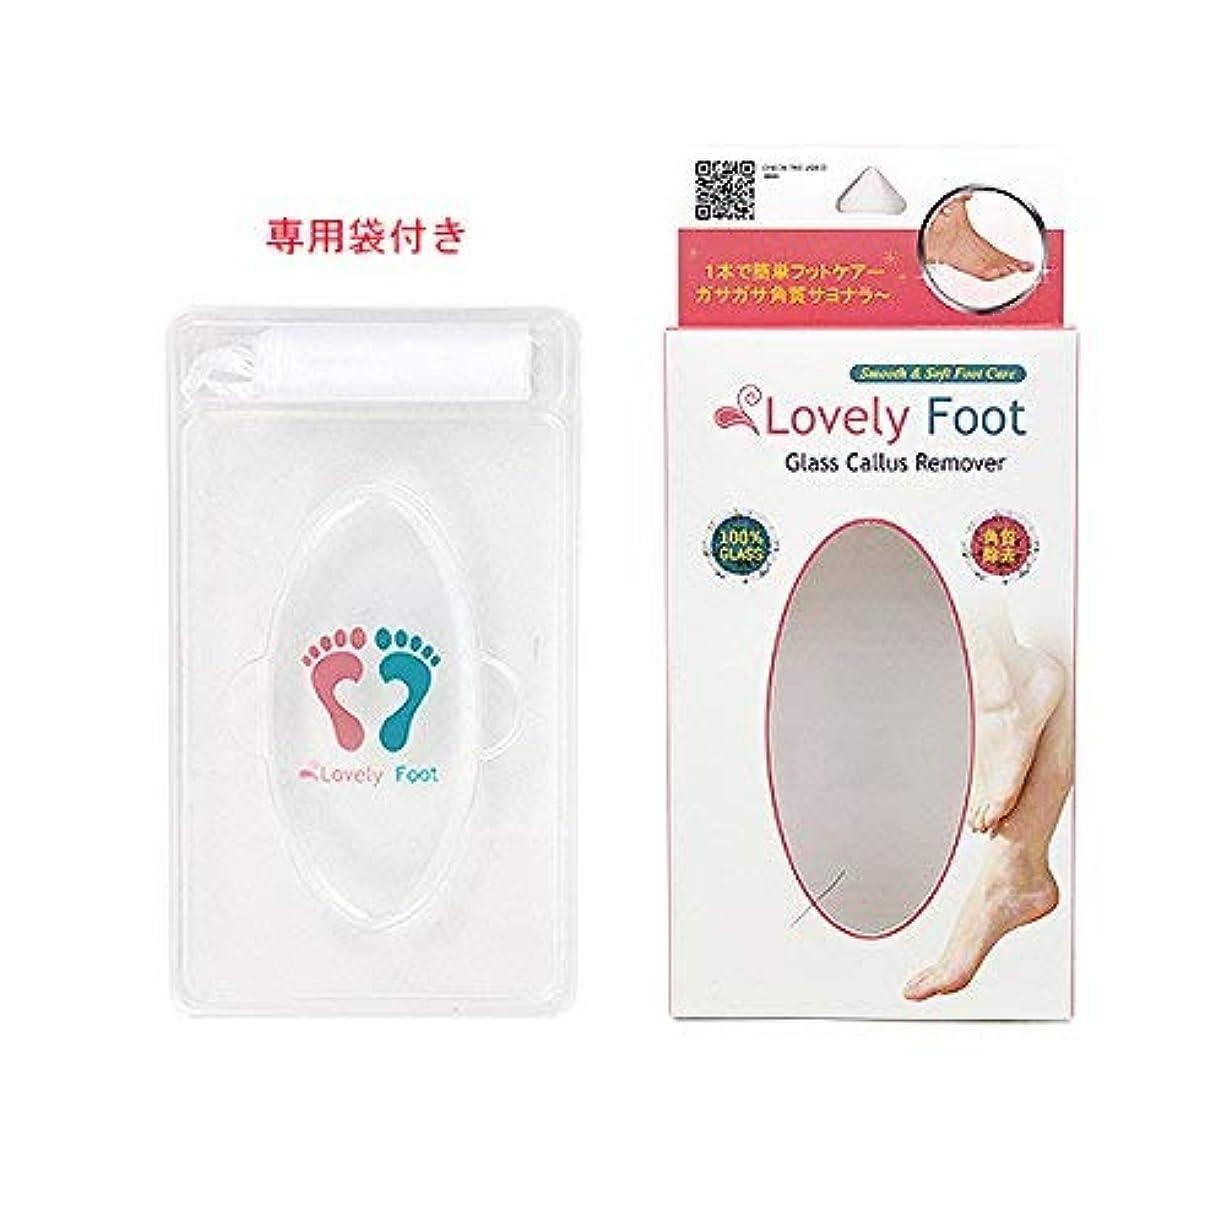 弱点ペンス骨髄Lovely Foot Glass Callus Remover (ガラス角質取り)